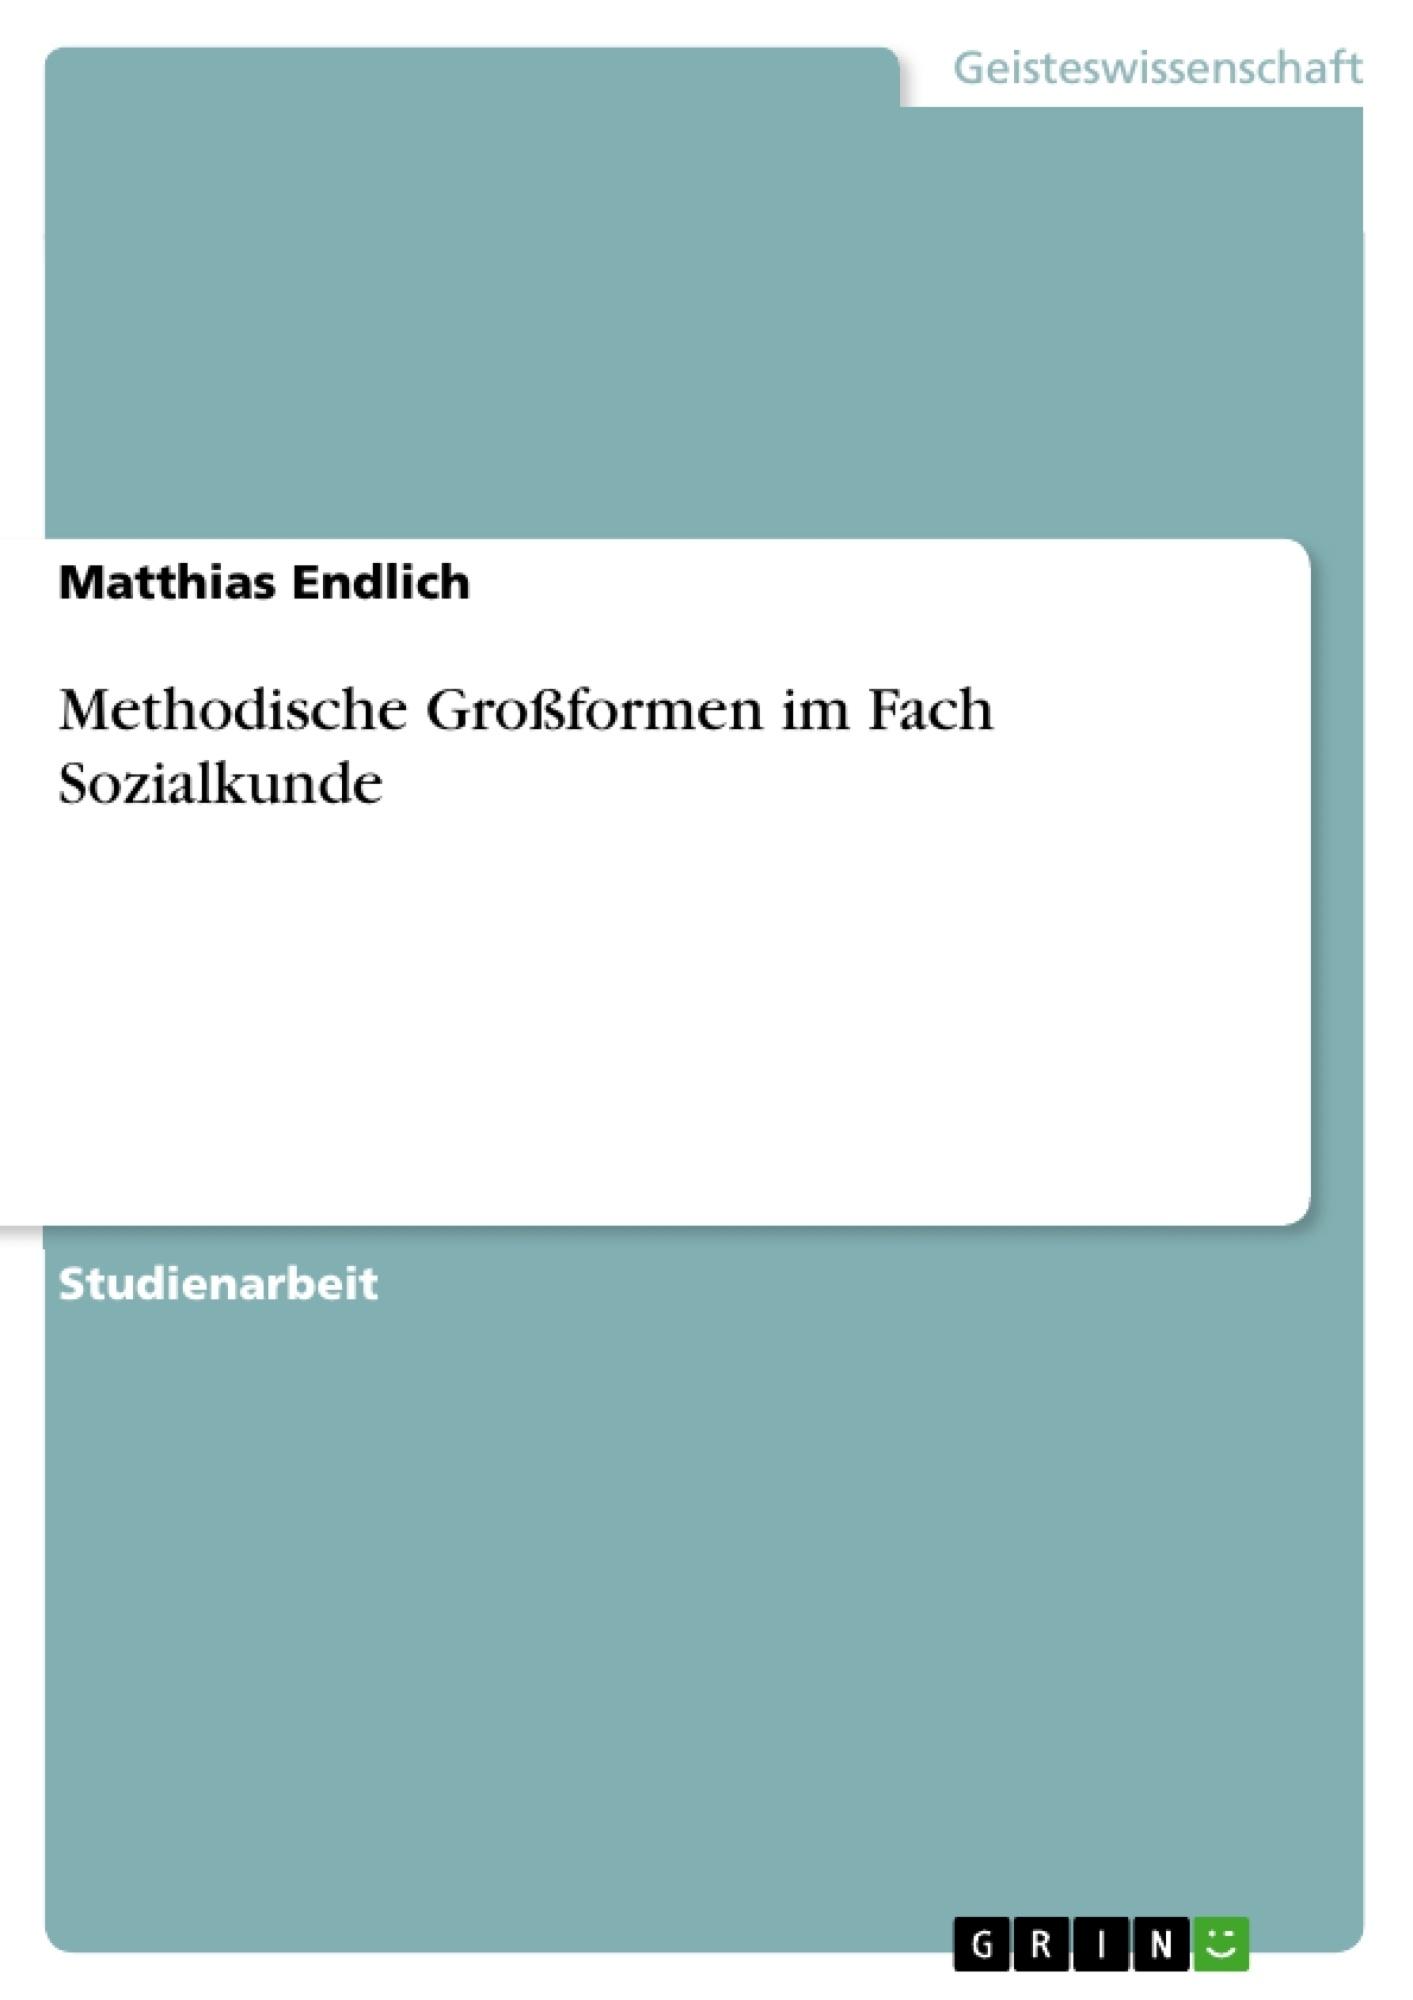 Titel: Methodische Großformen im Fach Sozialkunde